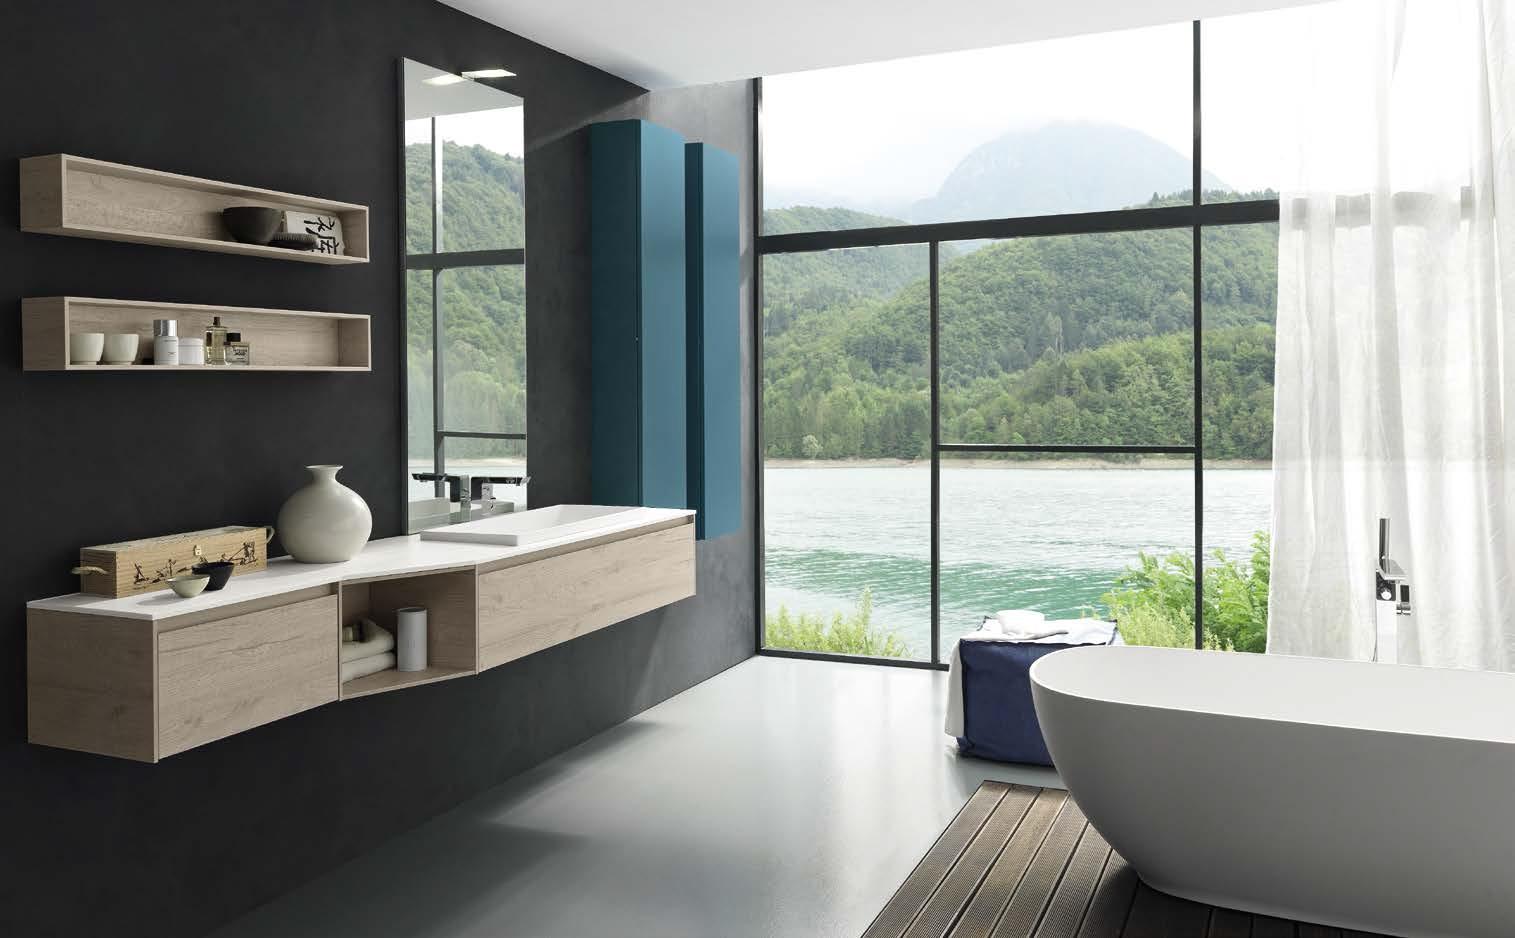 Meuble salle de bain wenge pas cher - Meuble desalle de bain ...